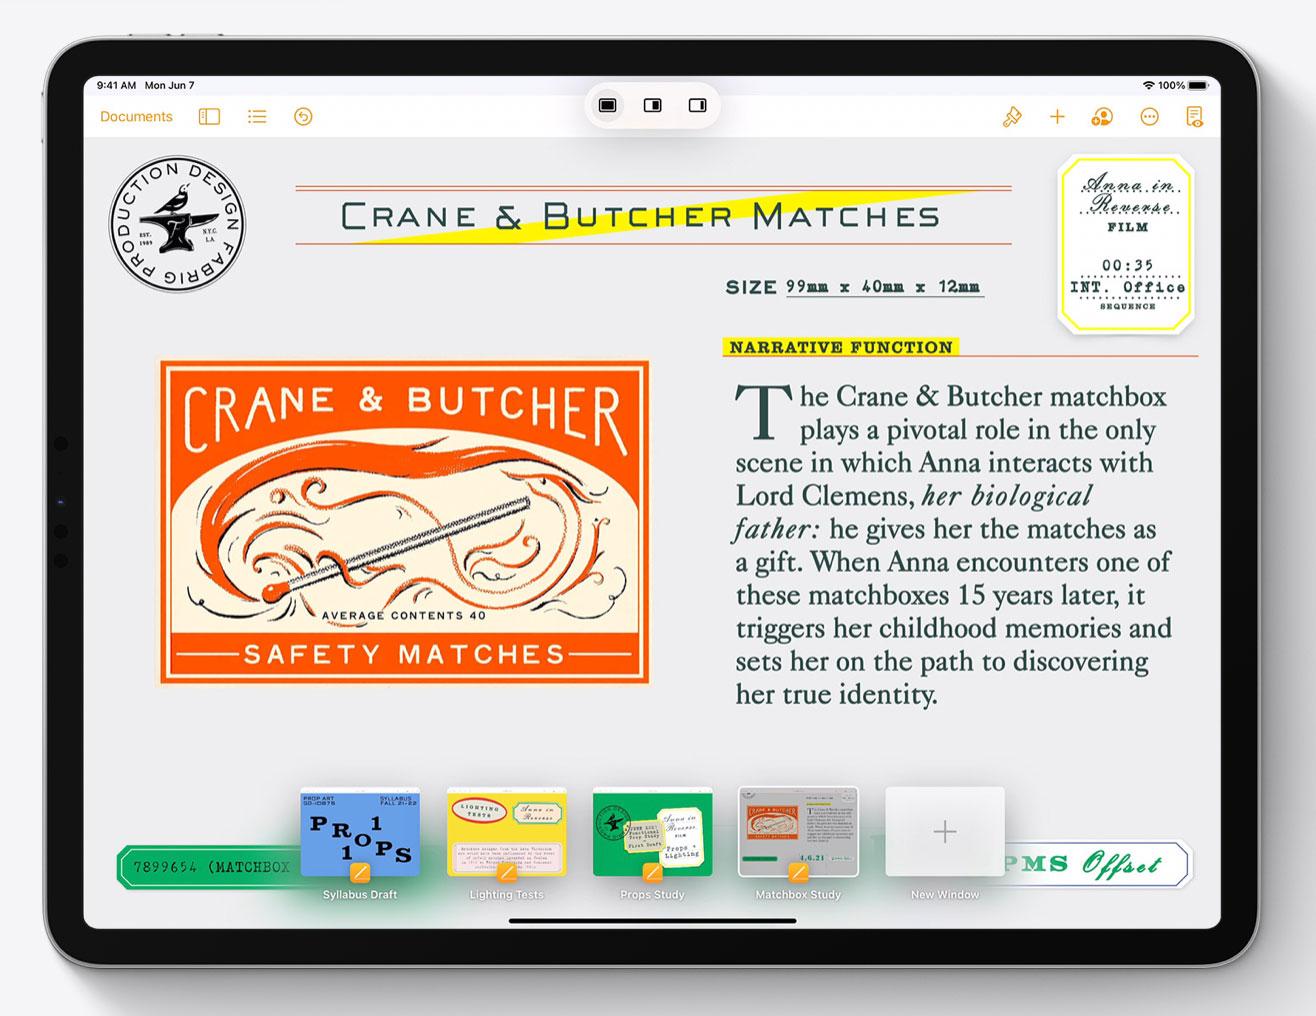 Shelf de ventanas de una misma App